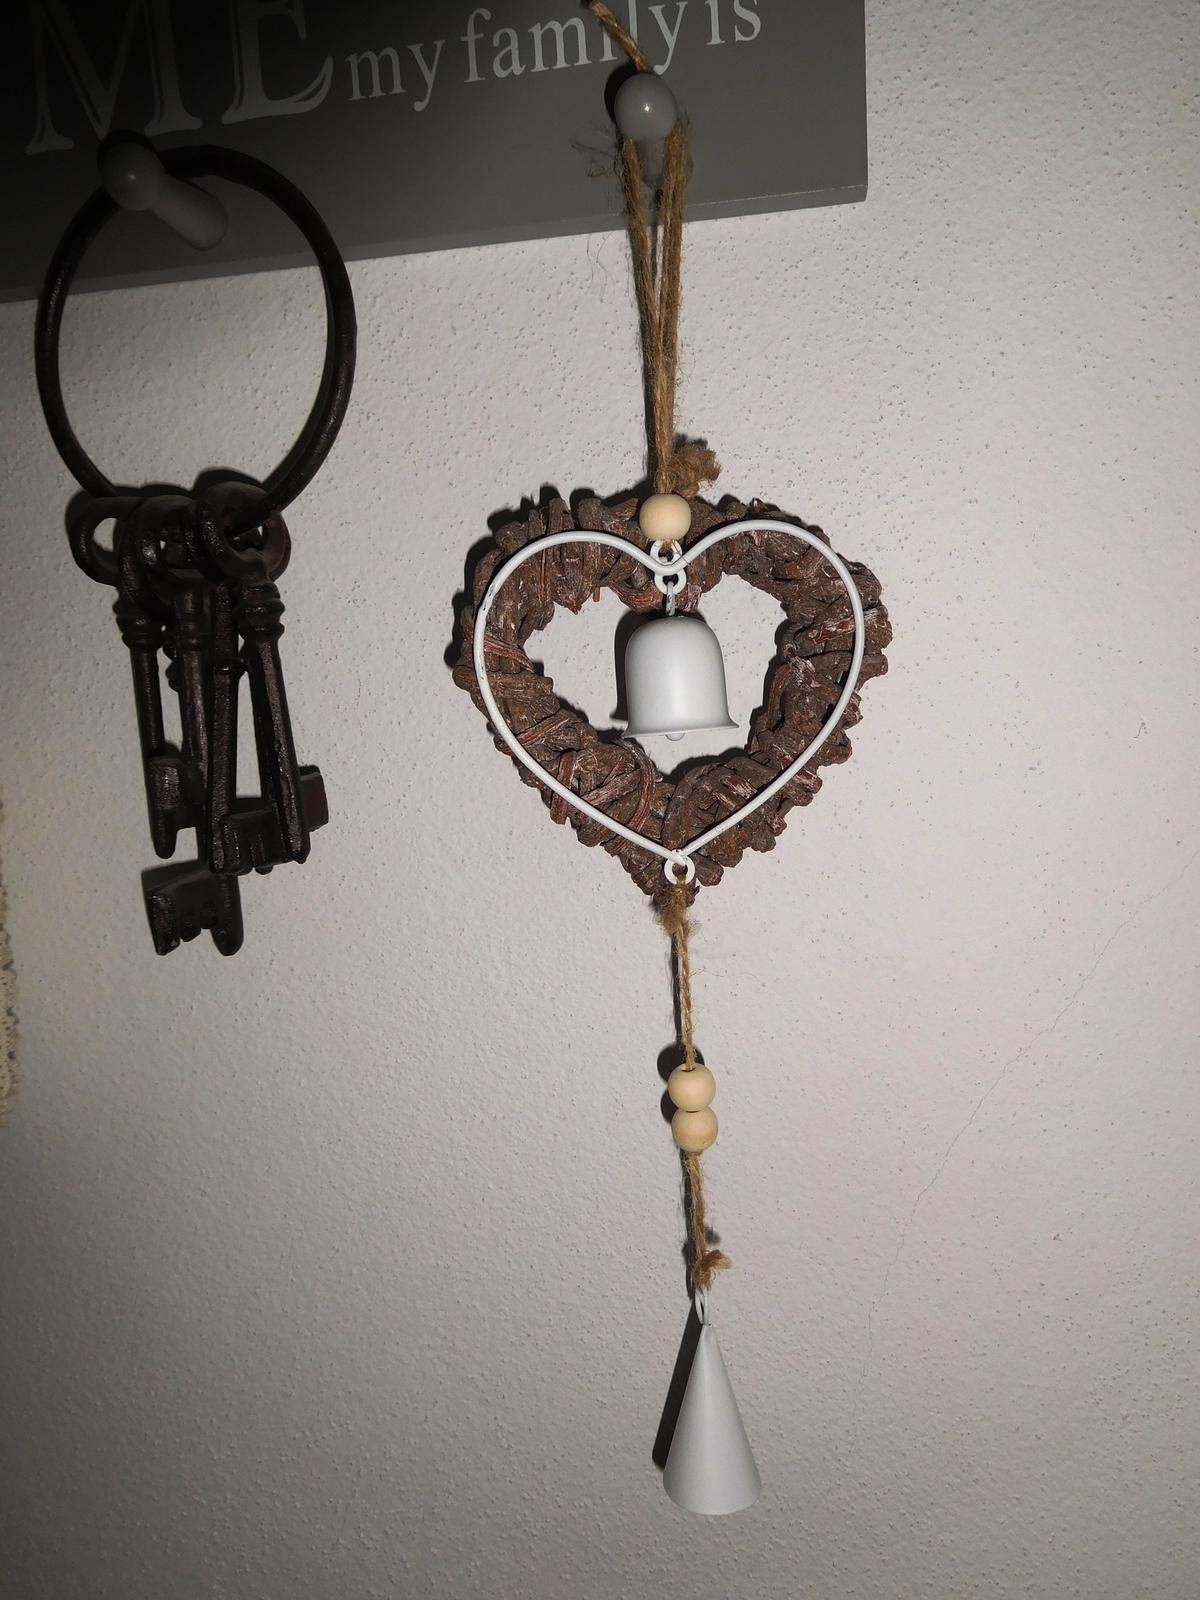 Provance dekorácia-zvonkohra, ktorá zvoní - Obrázok č. 1